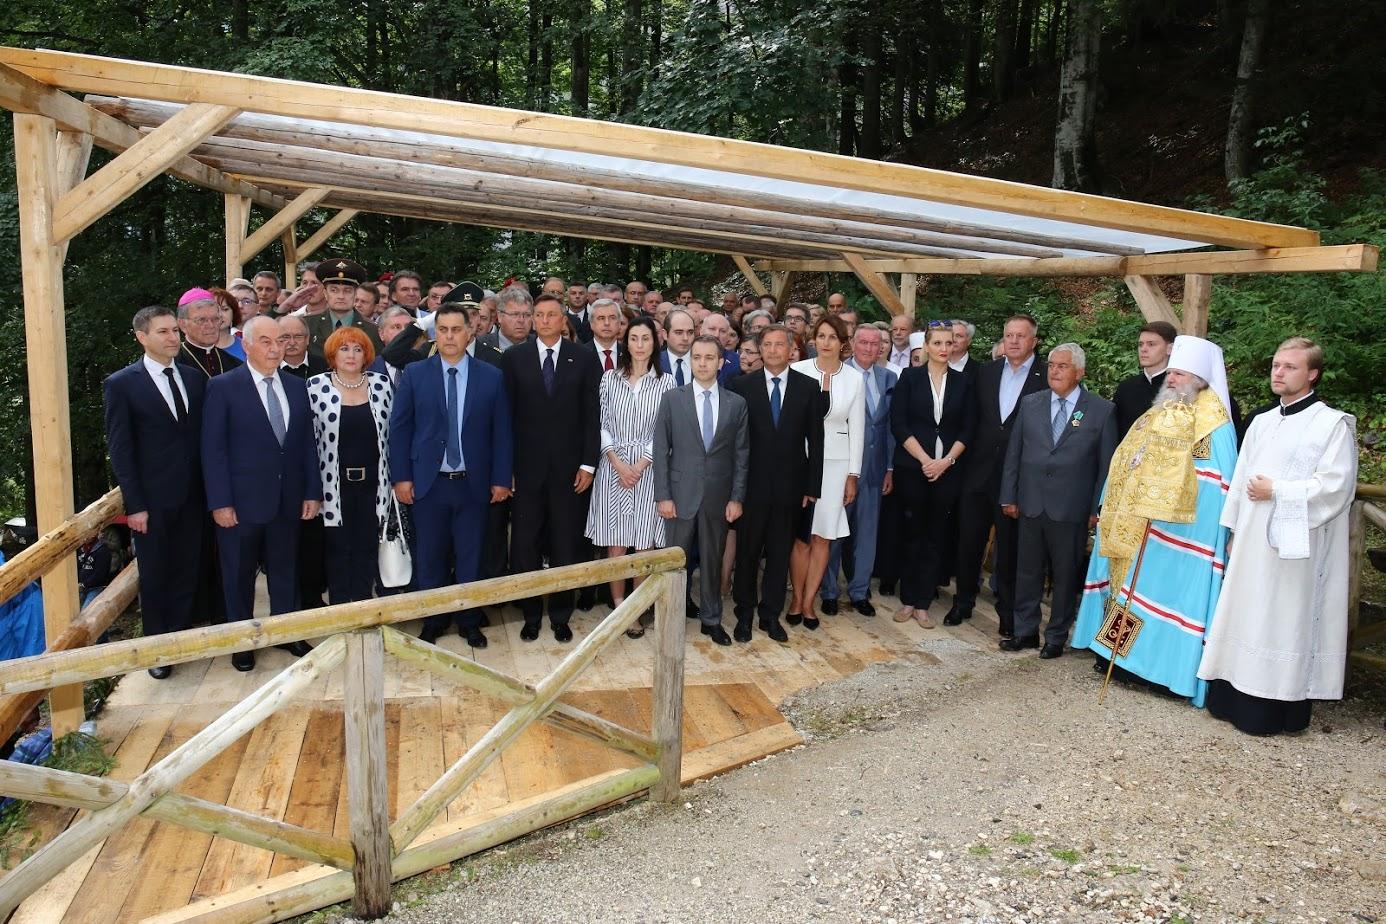 Rusko delegacijo je vodil minister za telekomunikacije in množične medije Nikolaj Nikiforov, slovensko pa zunanji minister Karl Erjavec (oba na sredini). V obeh delegacijah so bili predstavniki civilne družbe, duhovščine, diplomati in poslanci, tam sta bila tudi predsednik Borut Pahor in veleposlanik Doku Zavgajev.\n